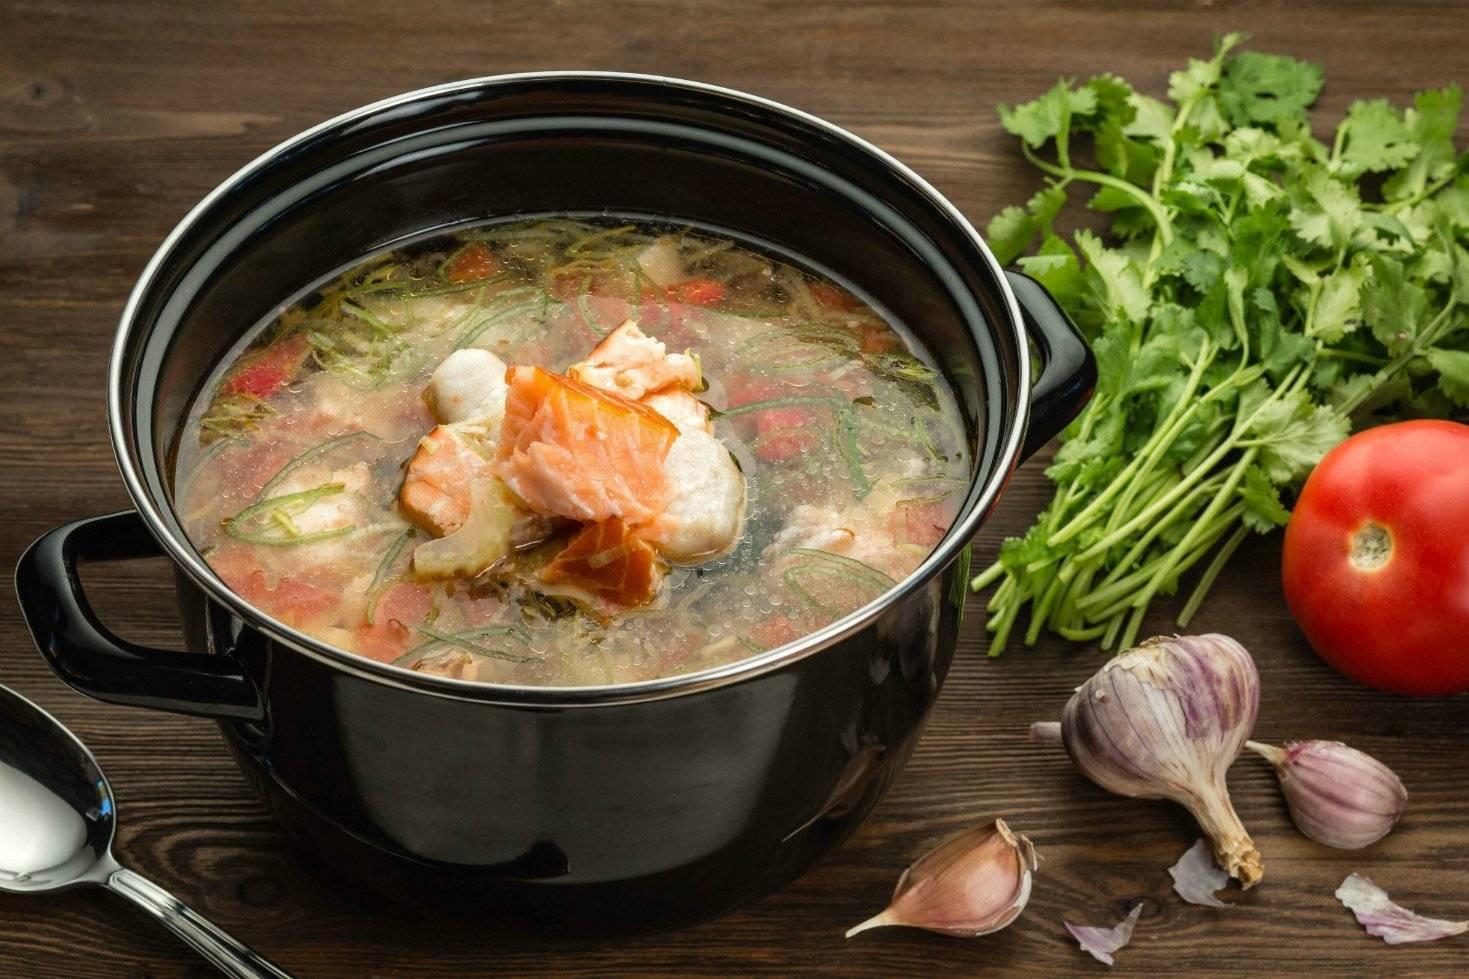 Уха по-фински со сливками - пошаговые рецепты приготовления из семги, форели или плавленным сыром